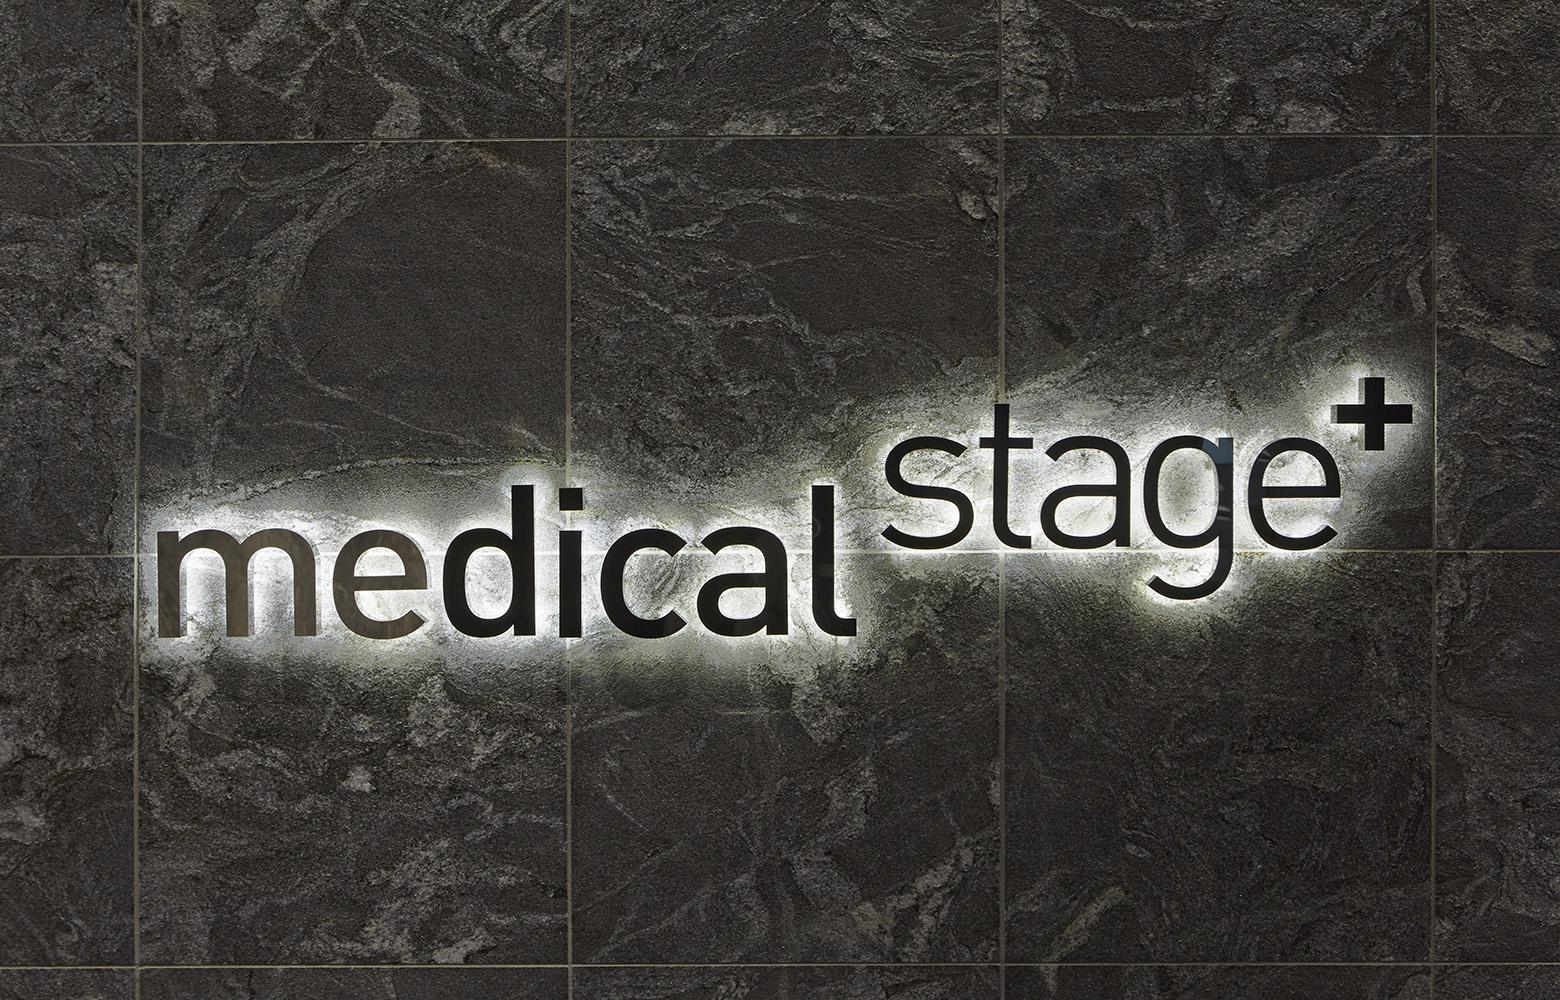 株式会社メディカル・ステージエントランスサイン・標識